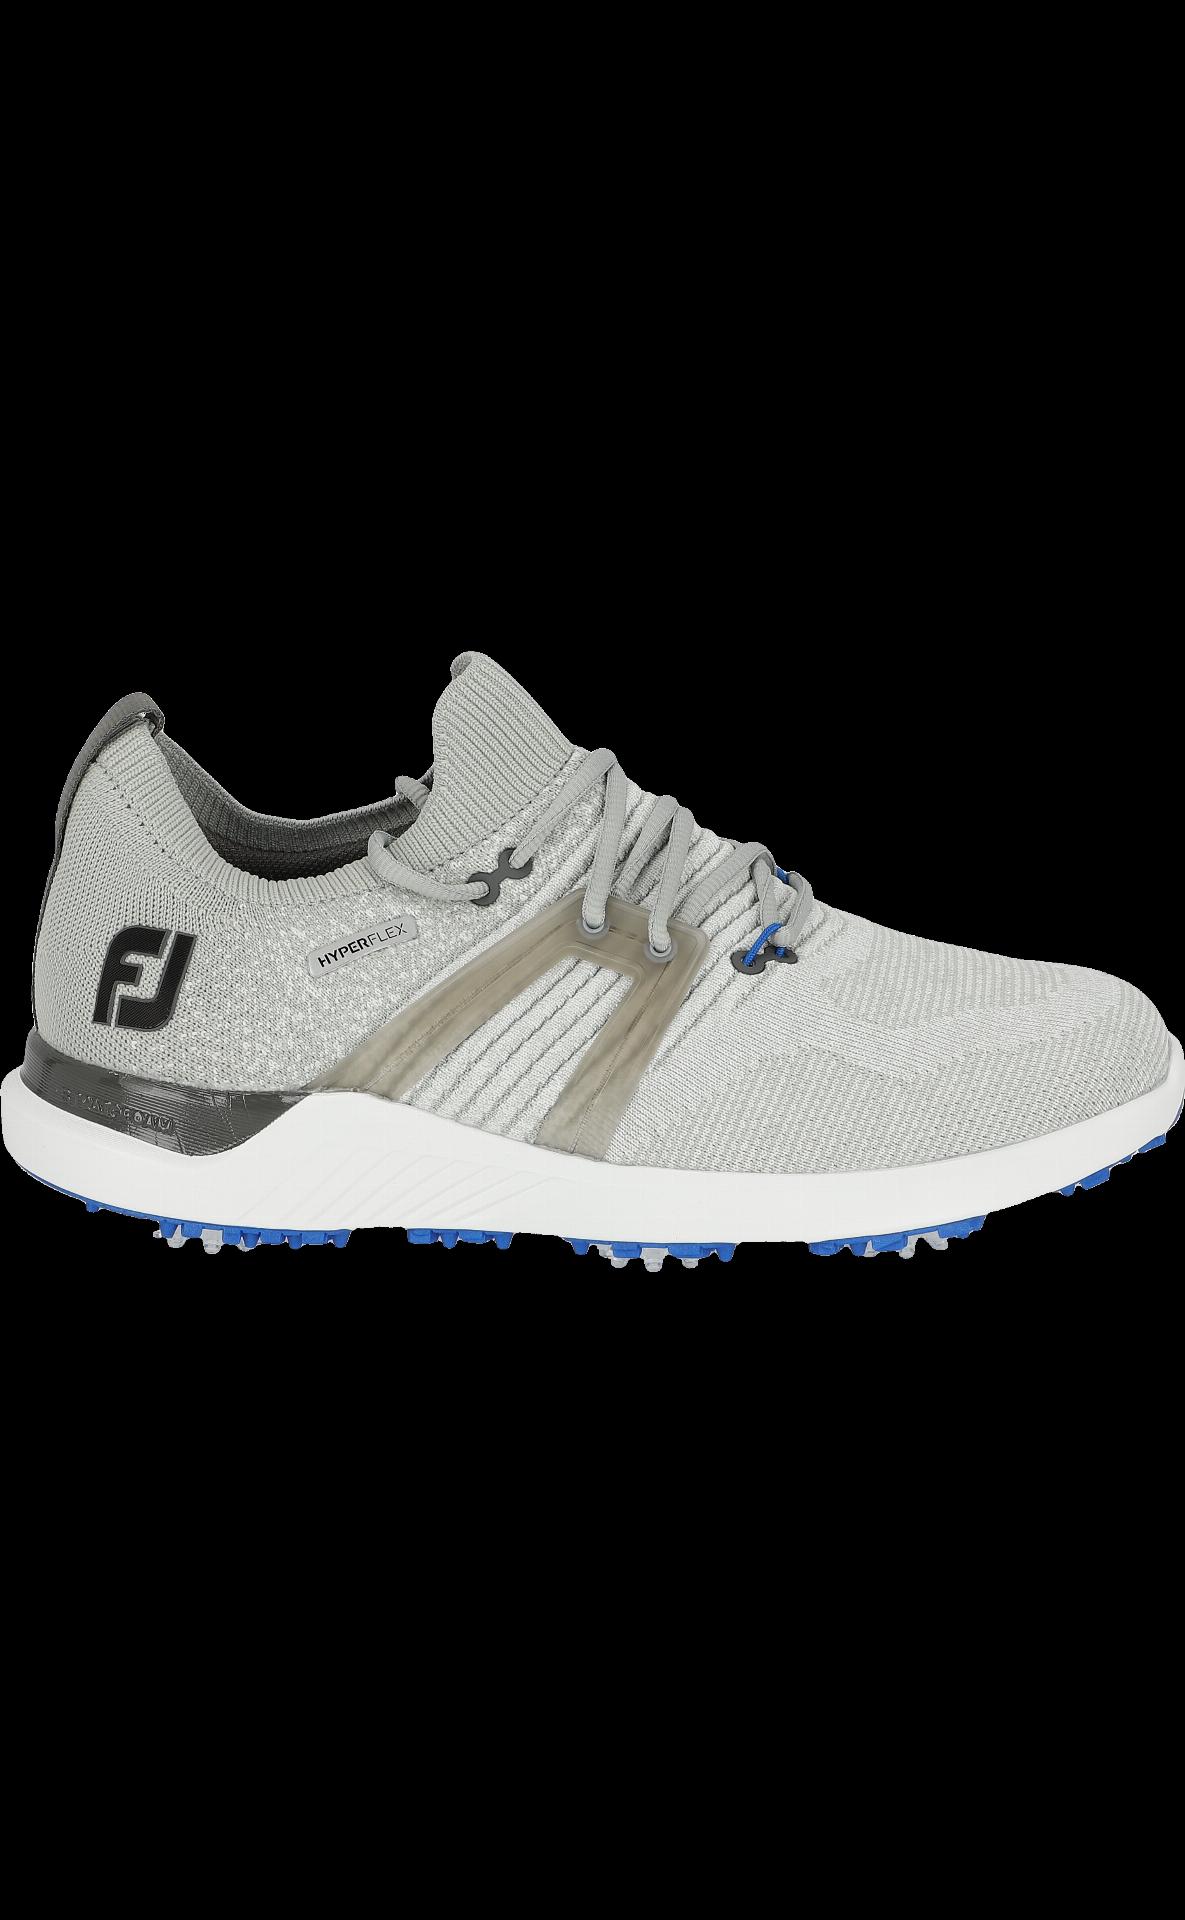 Hyperflex, grau/weiß/blau